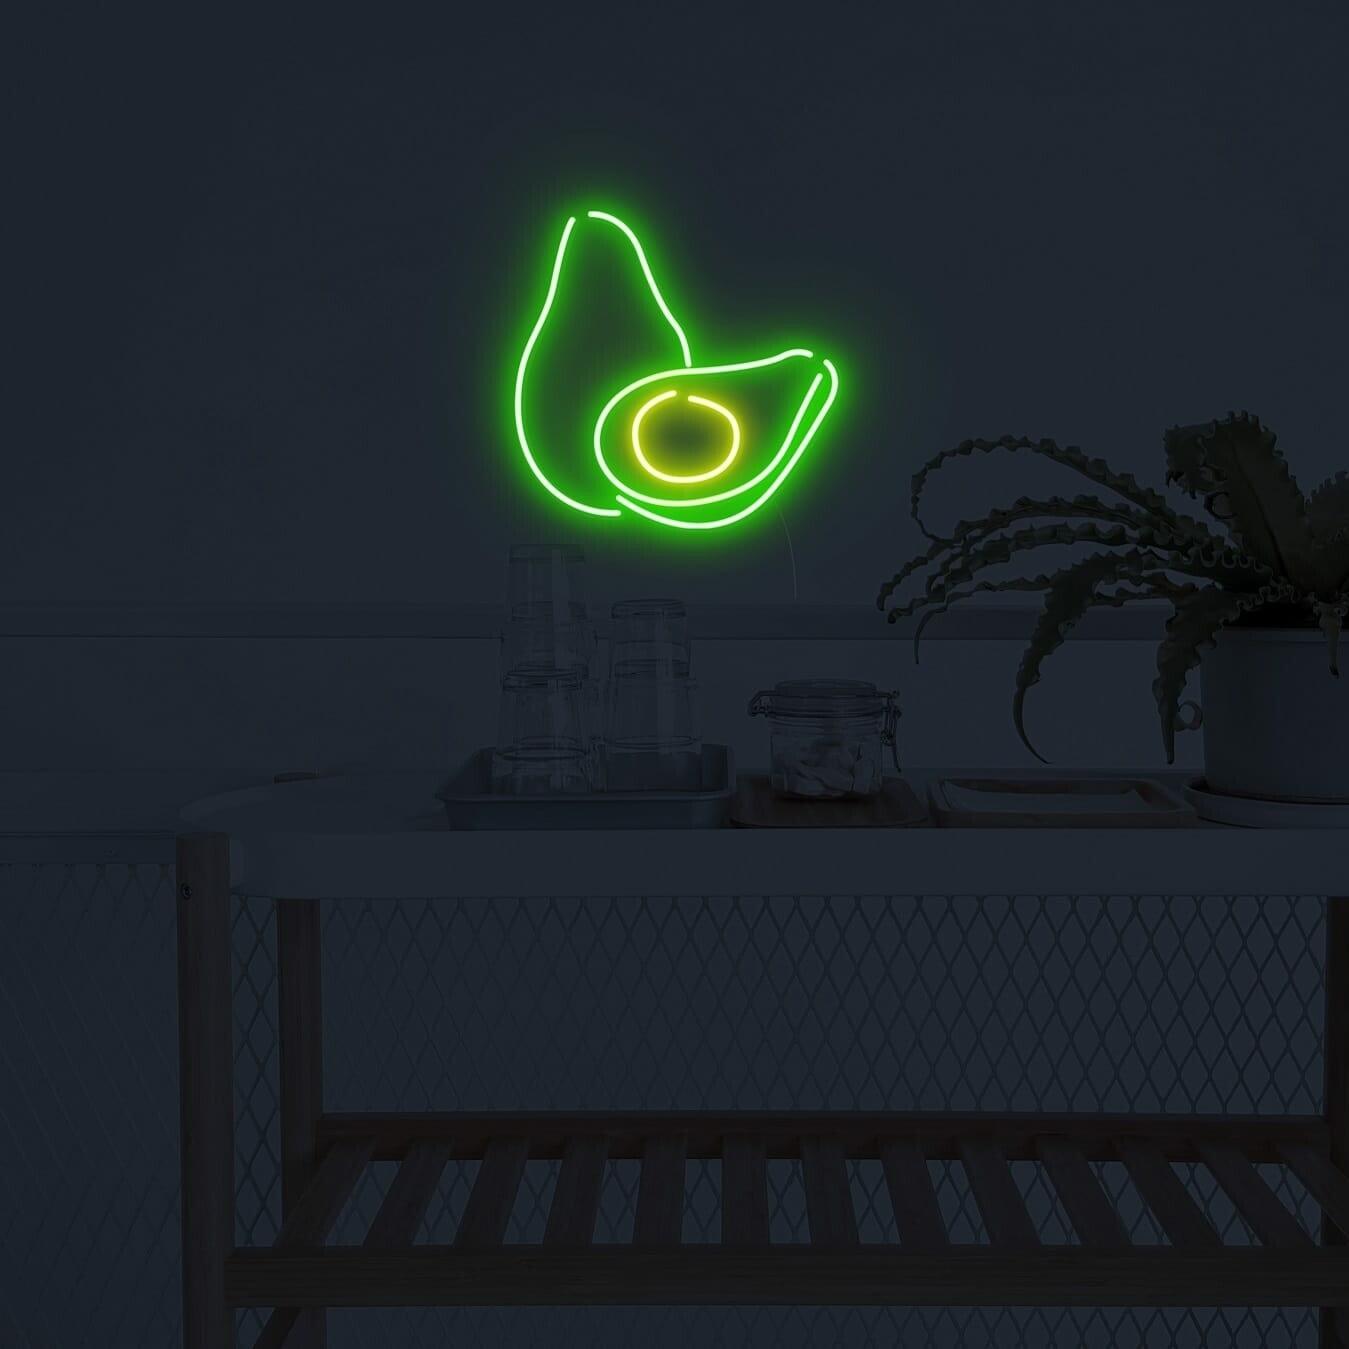 avocado neon sign